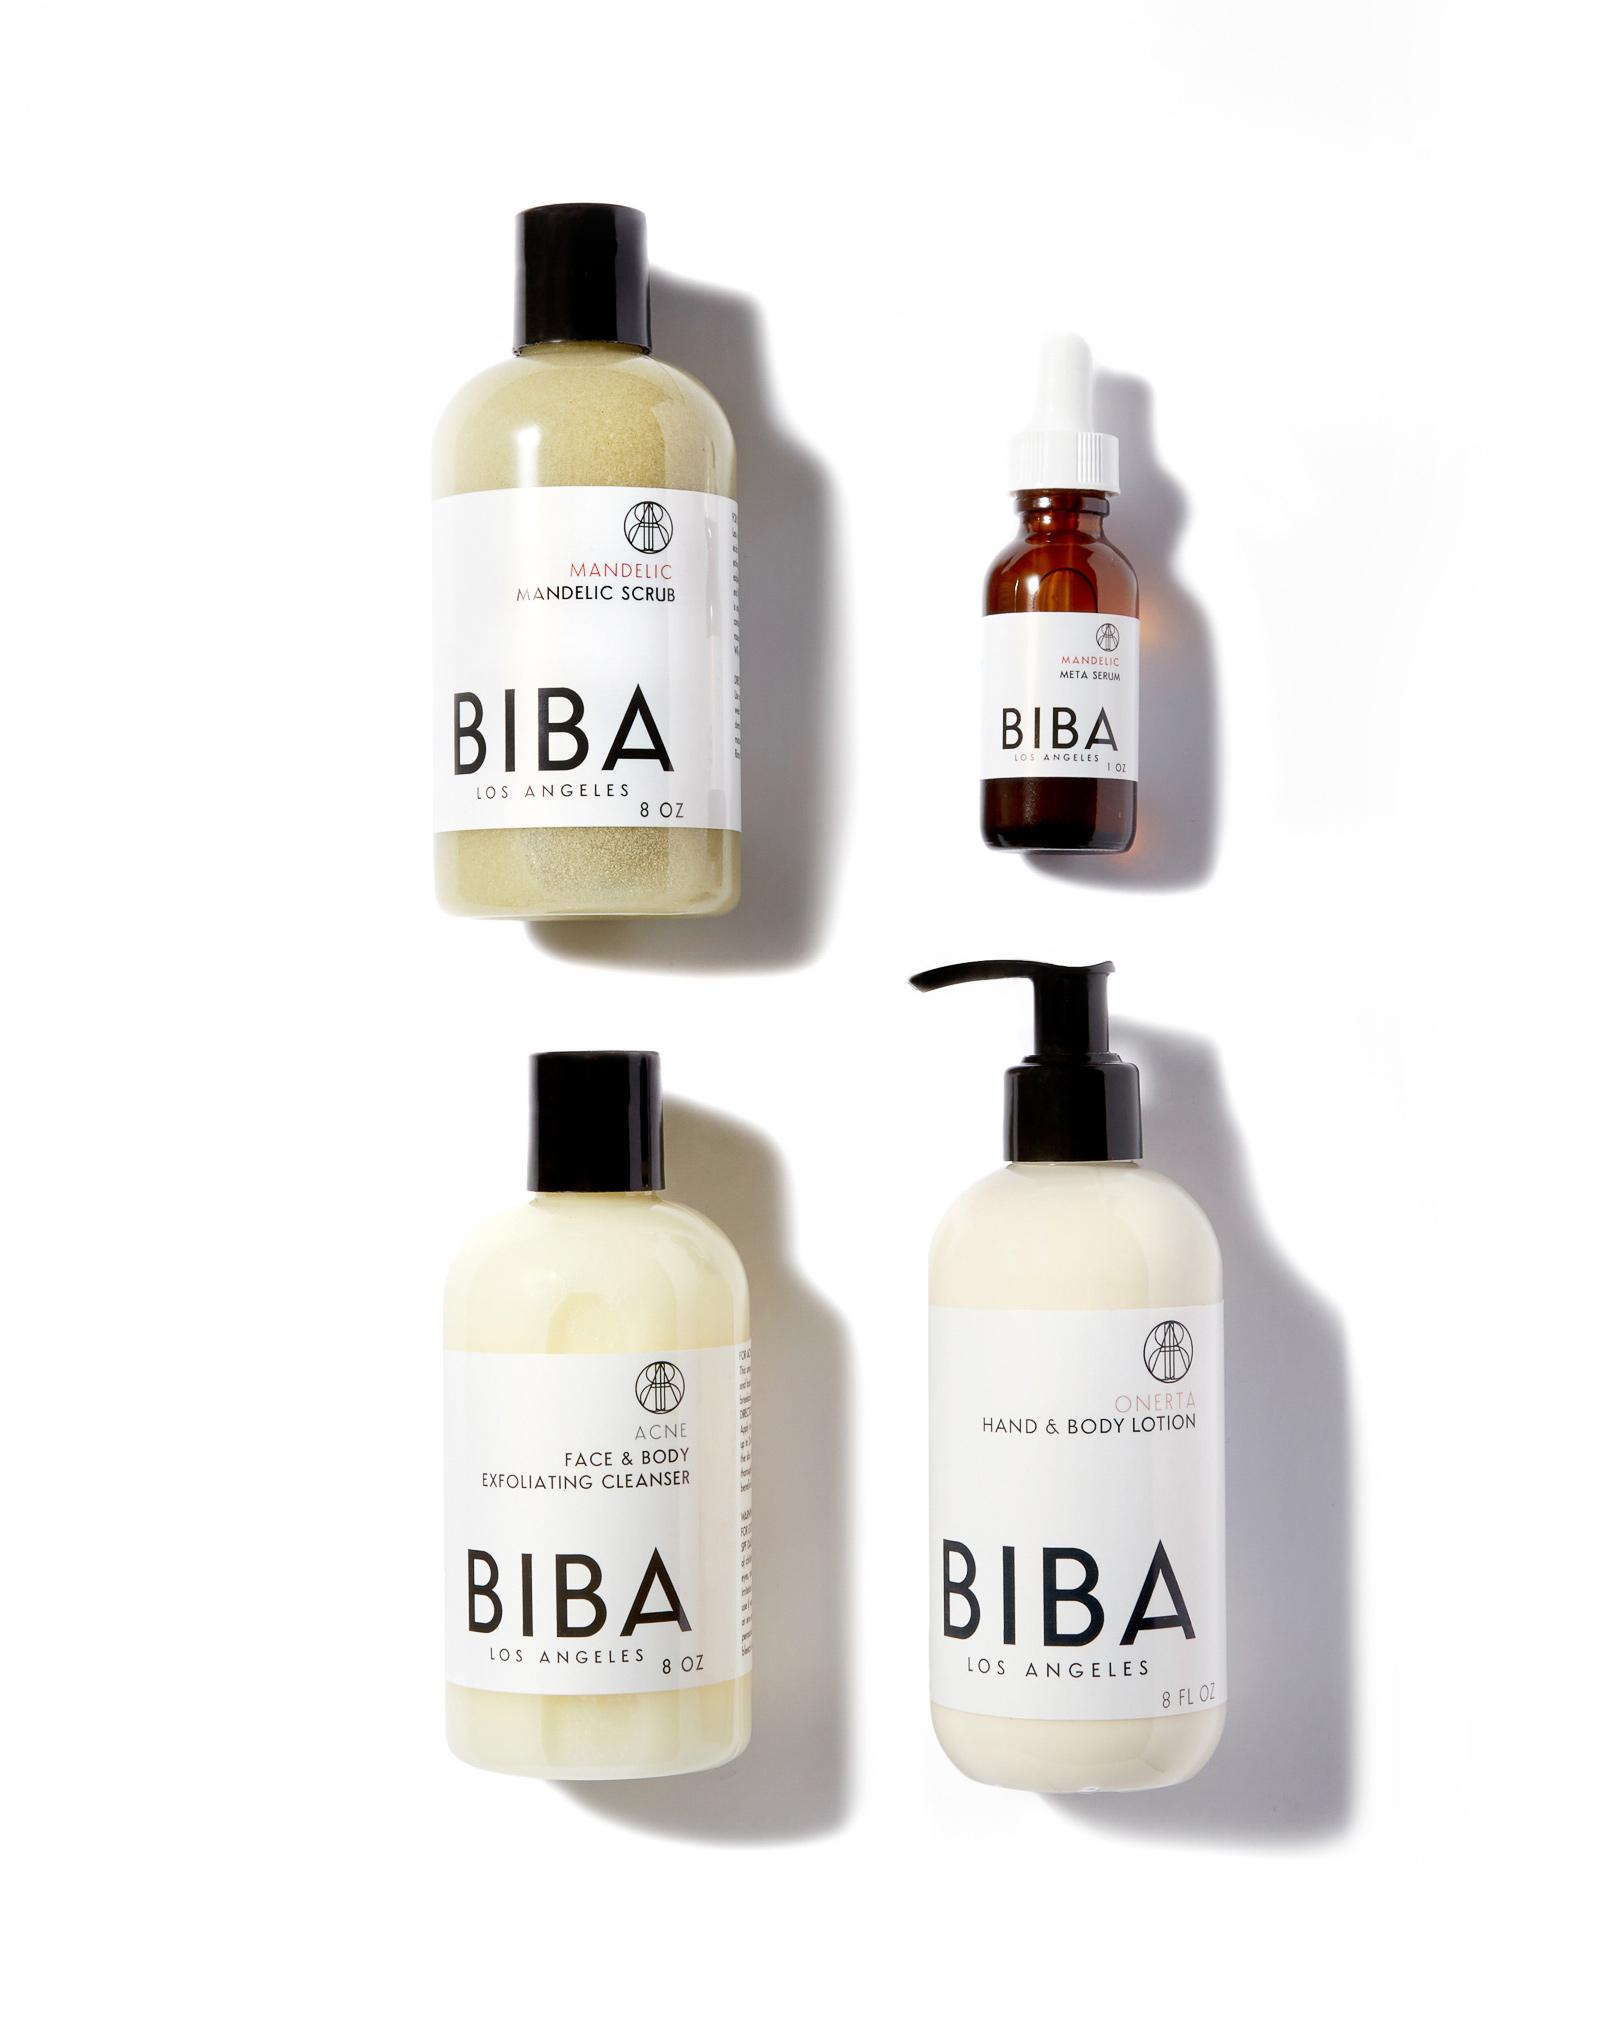 BIBA-_2-22-148.jpg